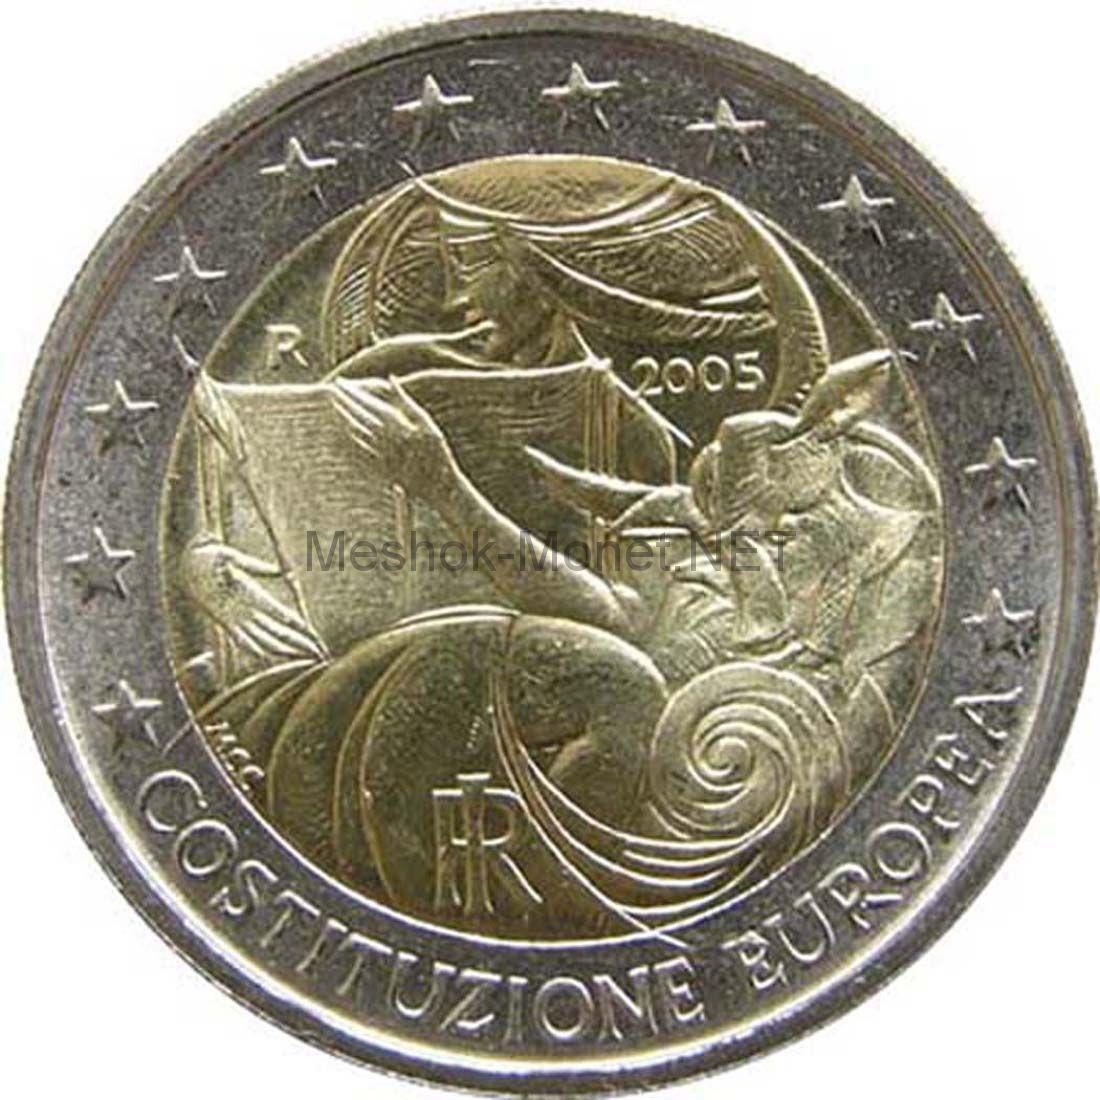 Италия 2 евро 2005, годовщина принятия европейской конституции